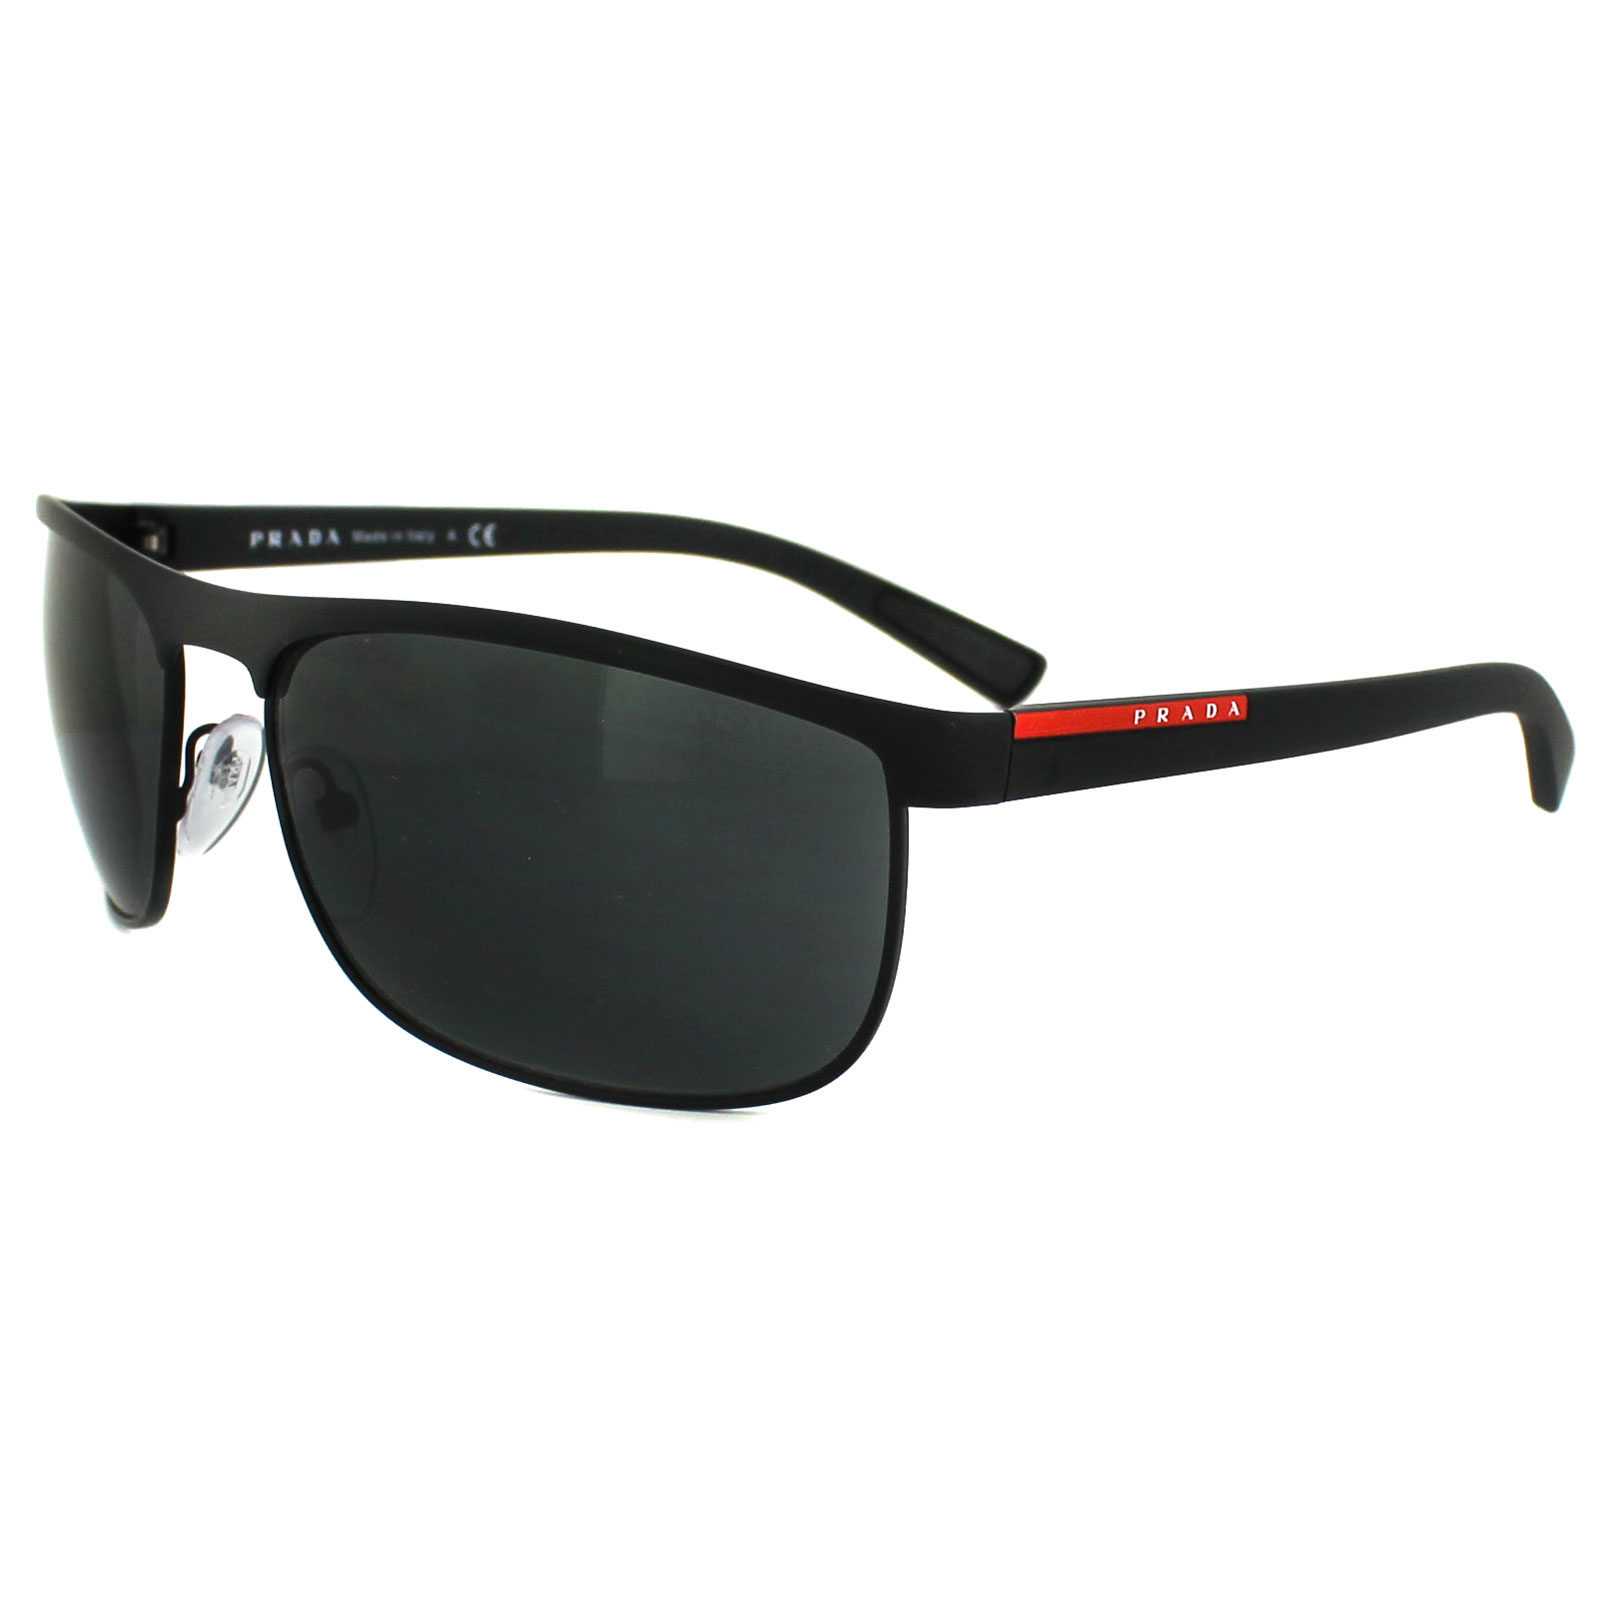 prada handbag brown - Cheap Prada Sport 54QS Sunglasses - Discounted Sunglasses